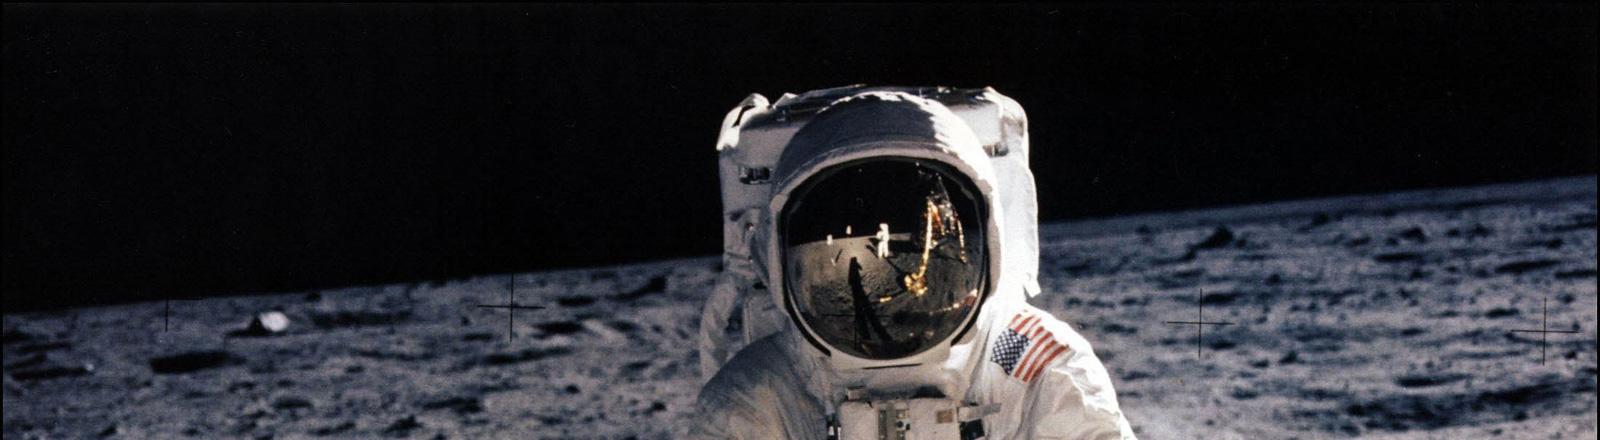 Der zweite Mann auf dem Mond, Buzz Aldrin.